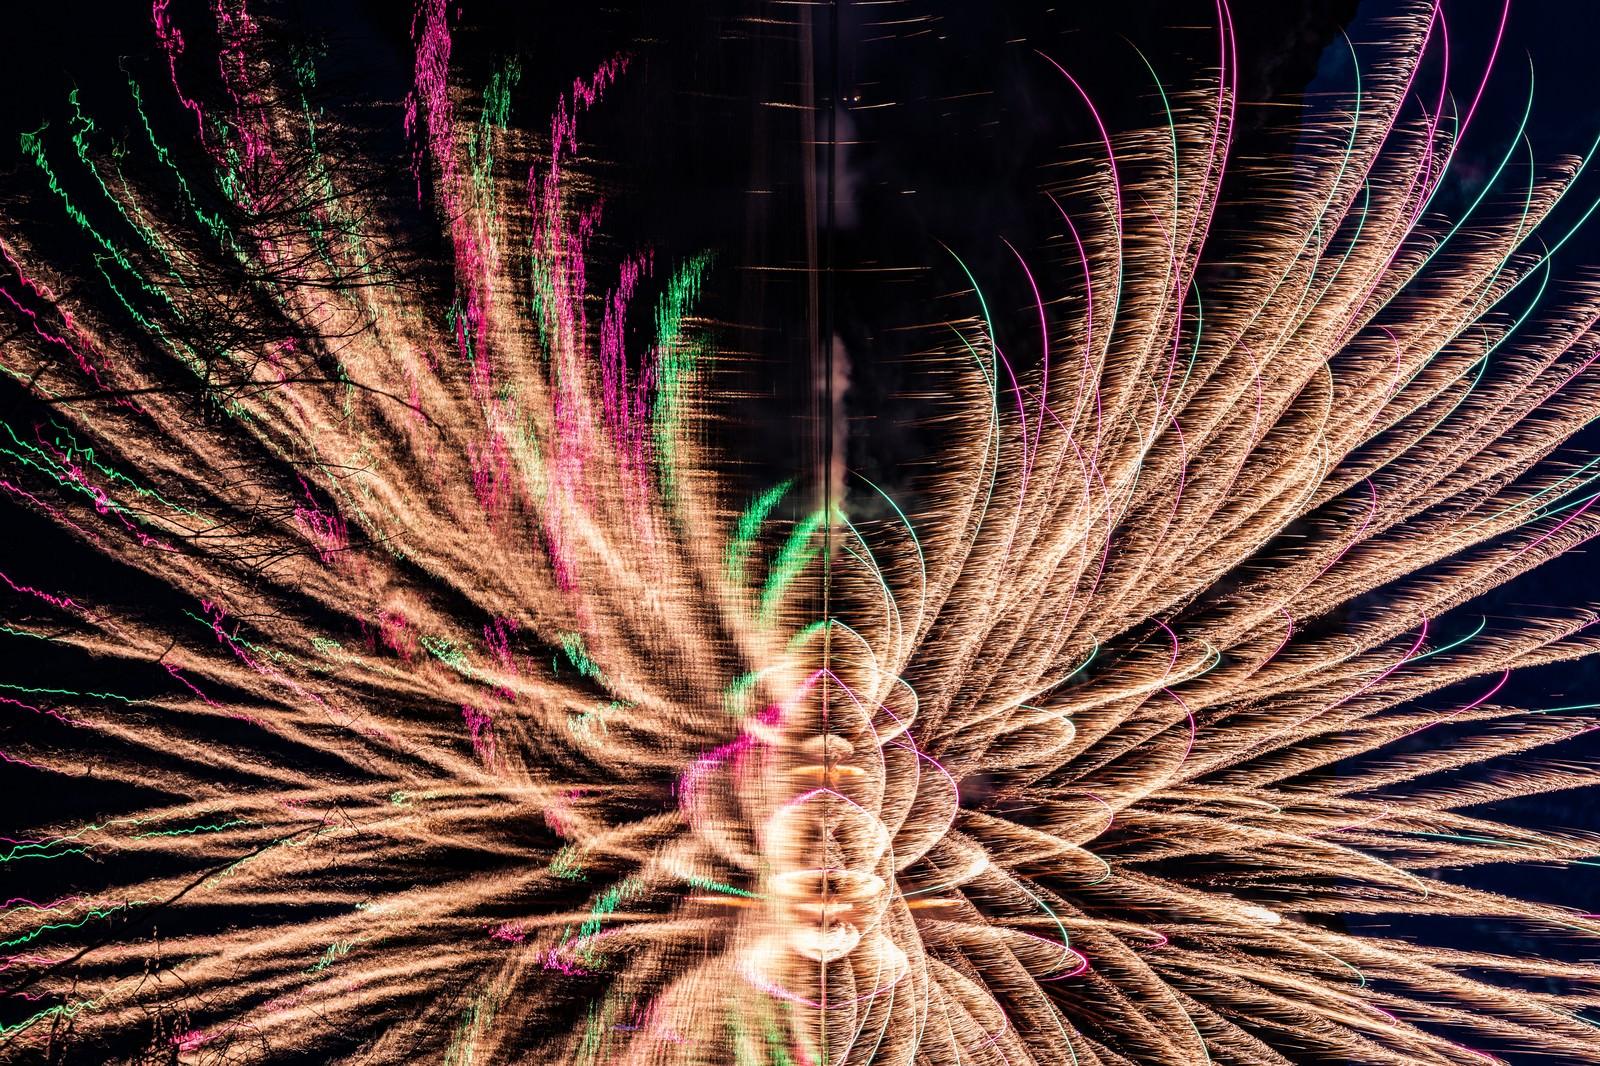 「湖面に映る花火を横から見た光跡(錦秋湖湖水まつり)湖面に映る花火を横から見た光跡(錦秋湖湖水まつり)」のフリー写真素材を拡大